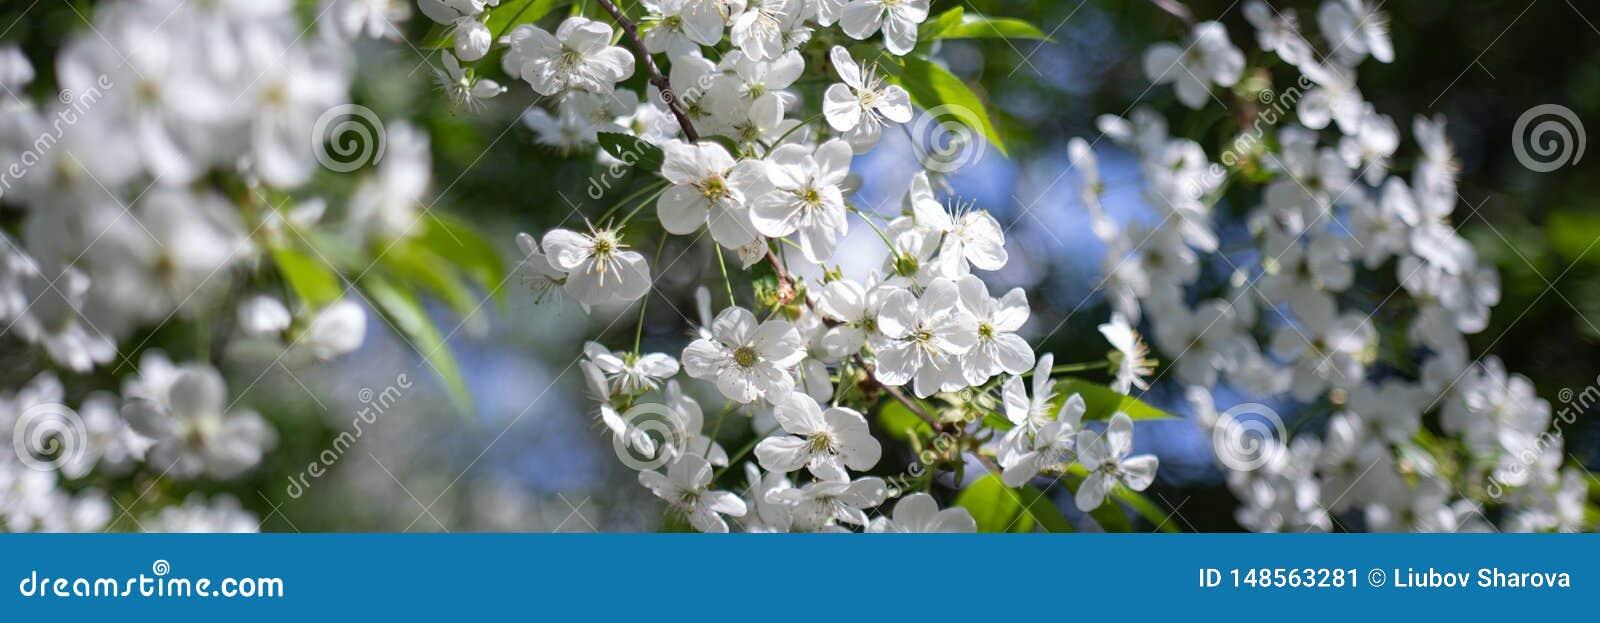 与白花的苹果树分支在被弄脏的背景